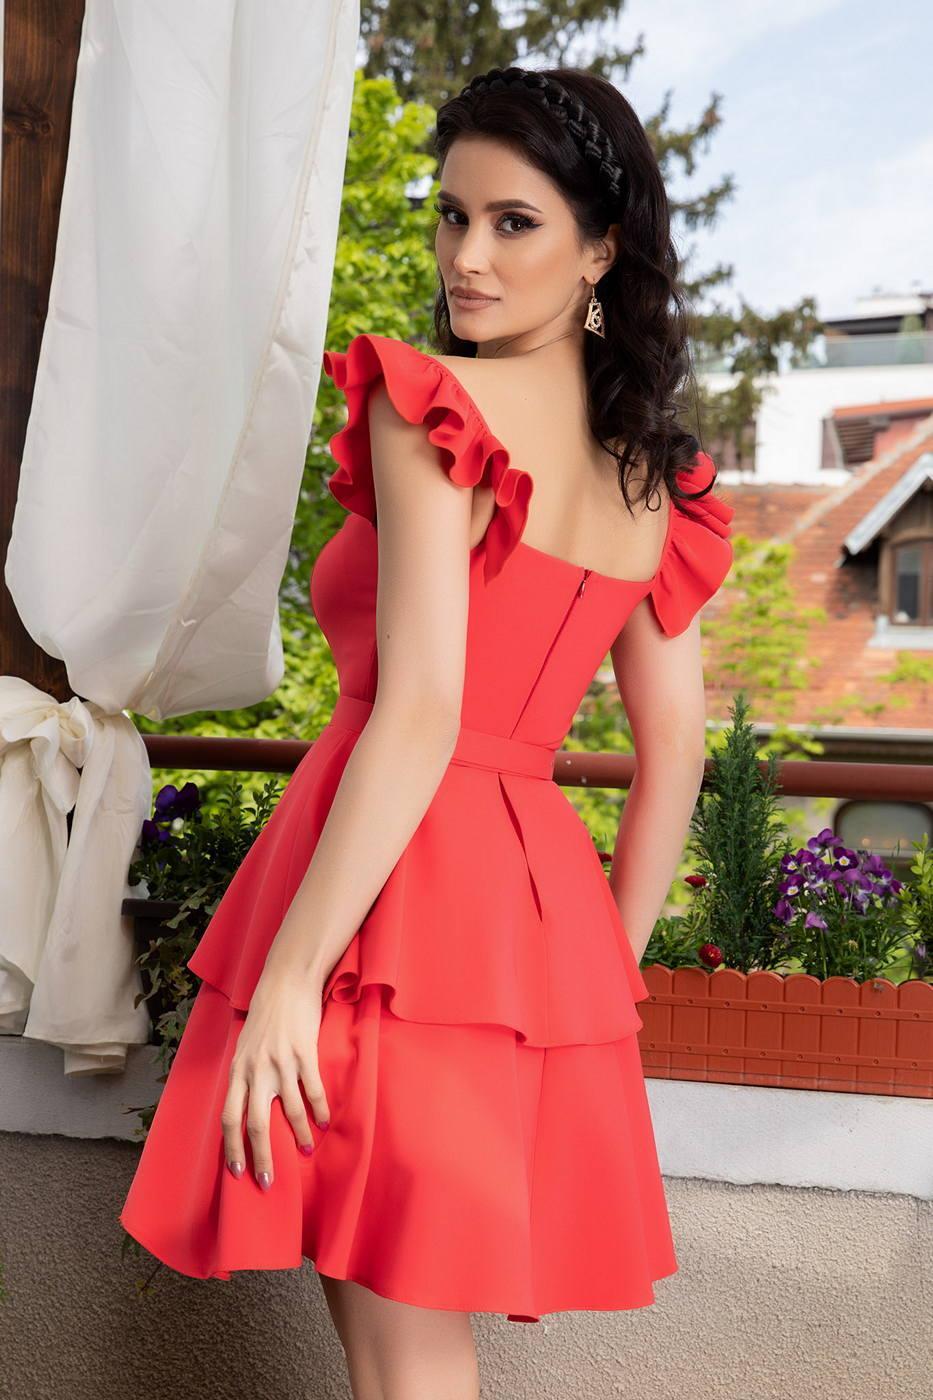 Aniko Κοραλί Φόρεμα 1433